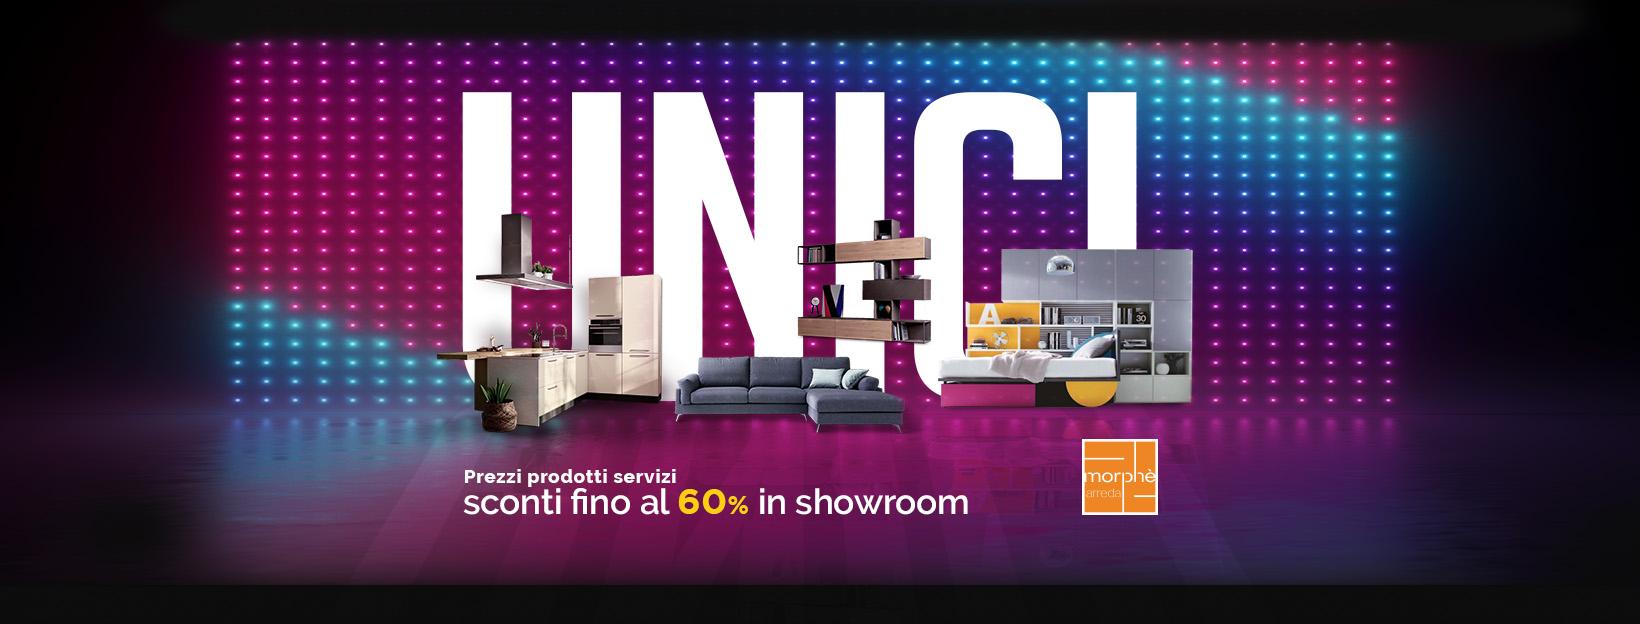 UNICI – Sconti in showroom fino al 60%